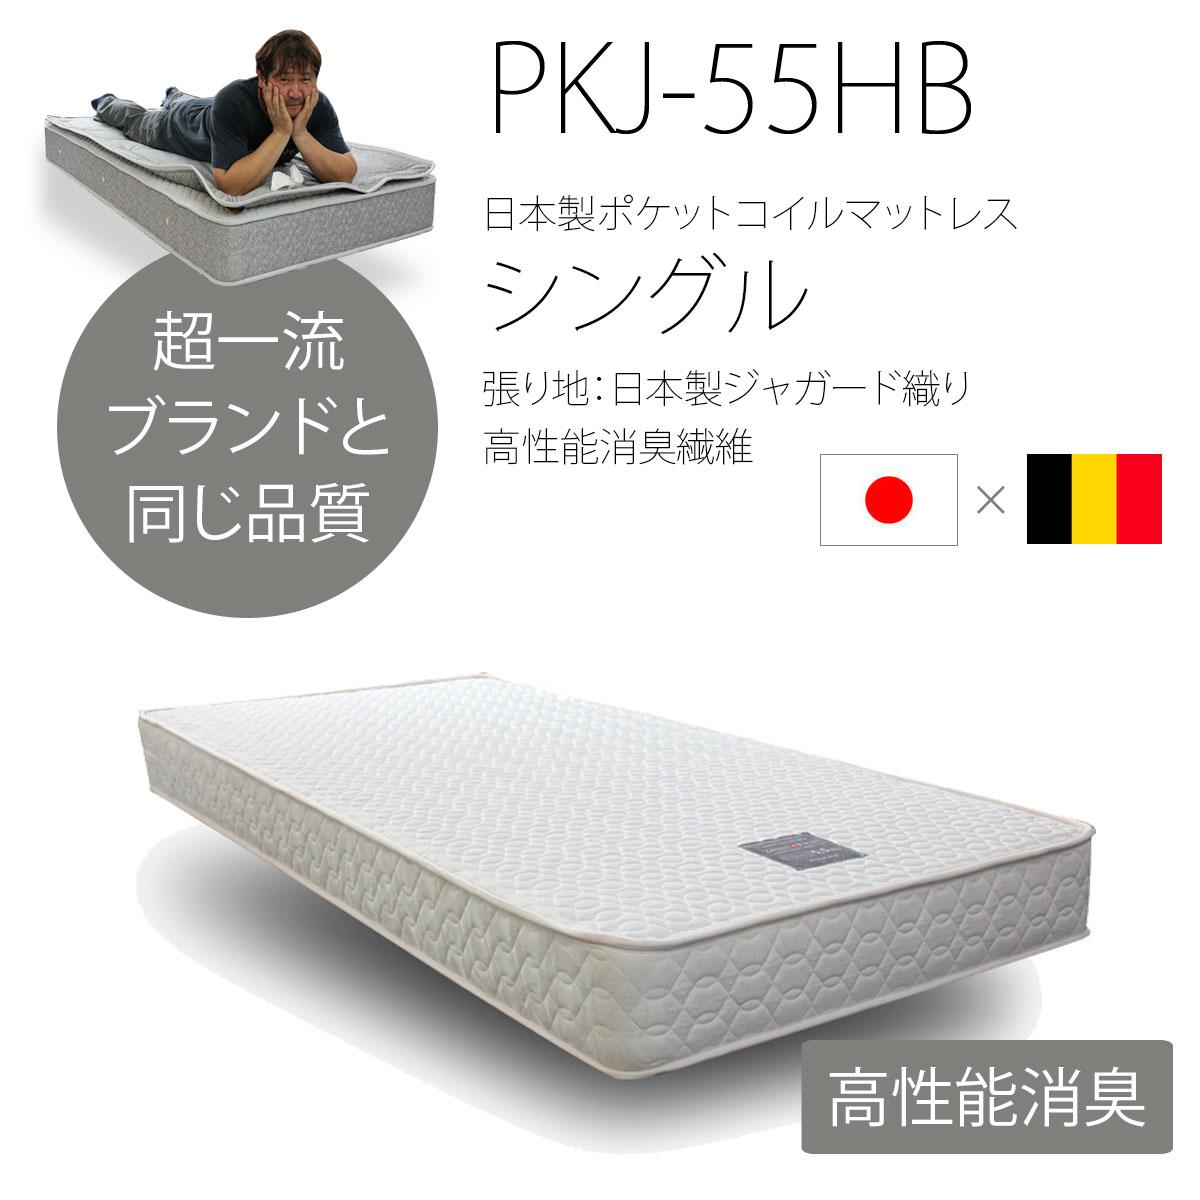 普通と最新ポケットコイルマットレスの両刀使い?高性能消臭繊維の日本製マットレス KIRYU シングルマットレス ポケットコイルマットレス 張り地:ジャガード織 生成色 日本製  PKJ-55HB-S 日本製 国産